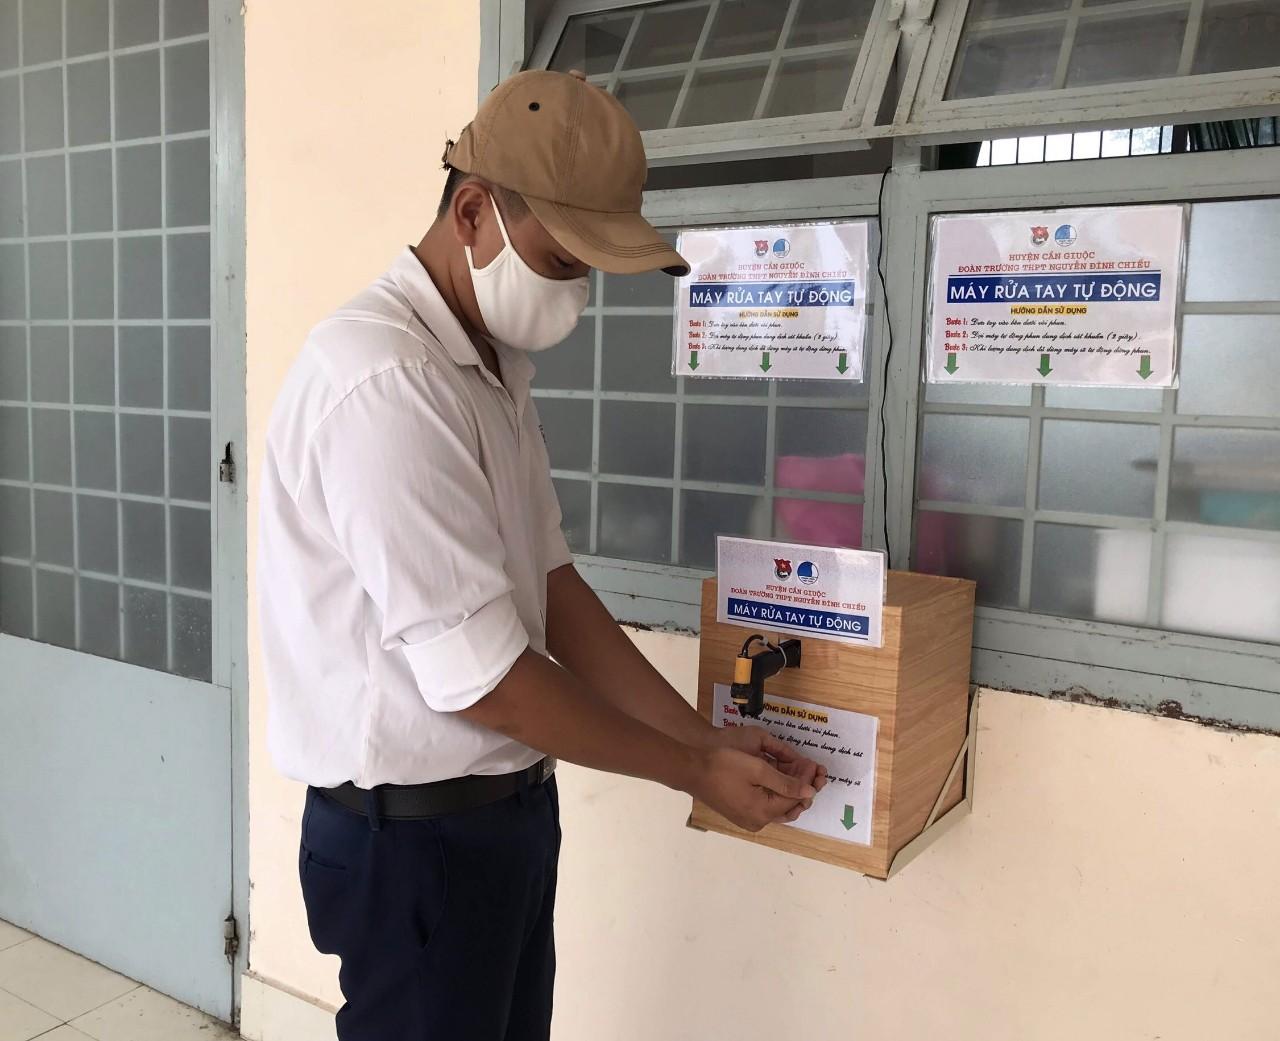 Học sinh Trường THPT Nguyễn Đình Chiểu sử dụng máy rửa tay sát khuẩn tự động